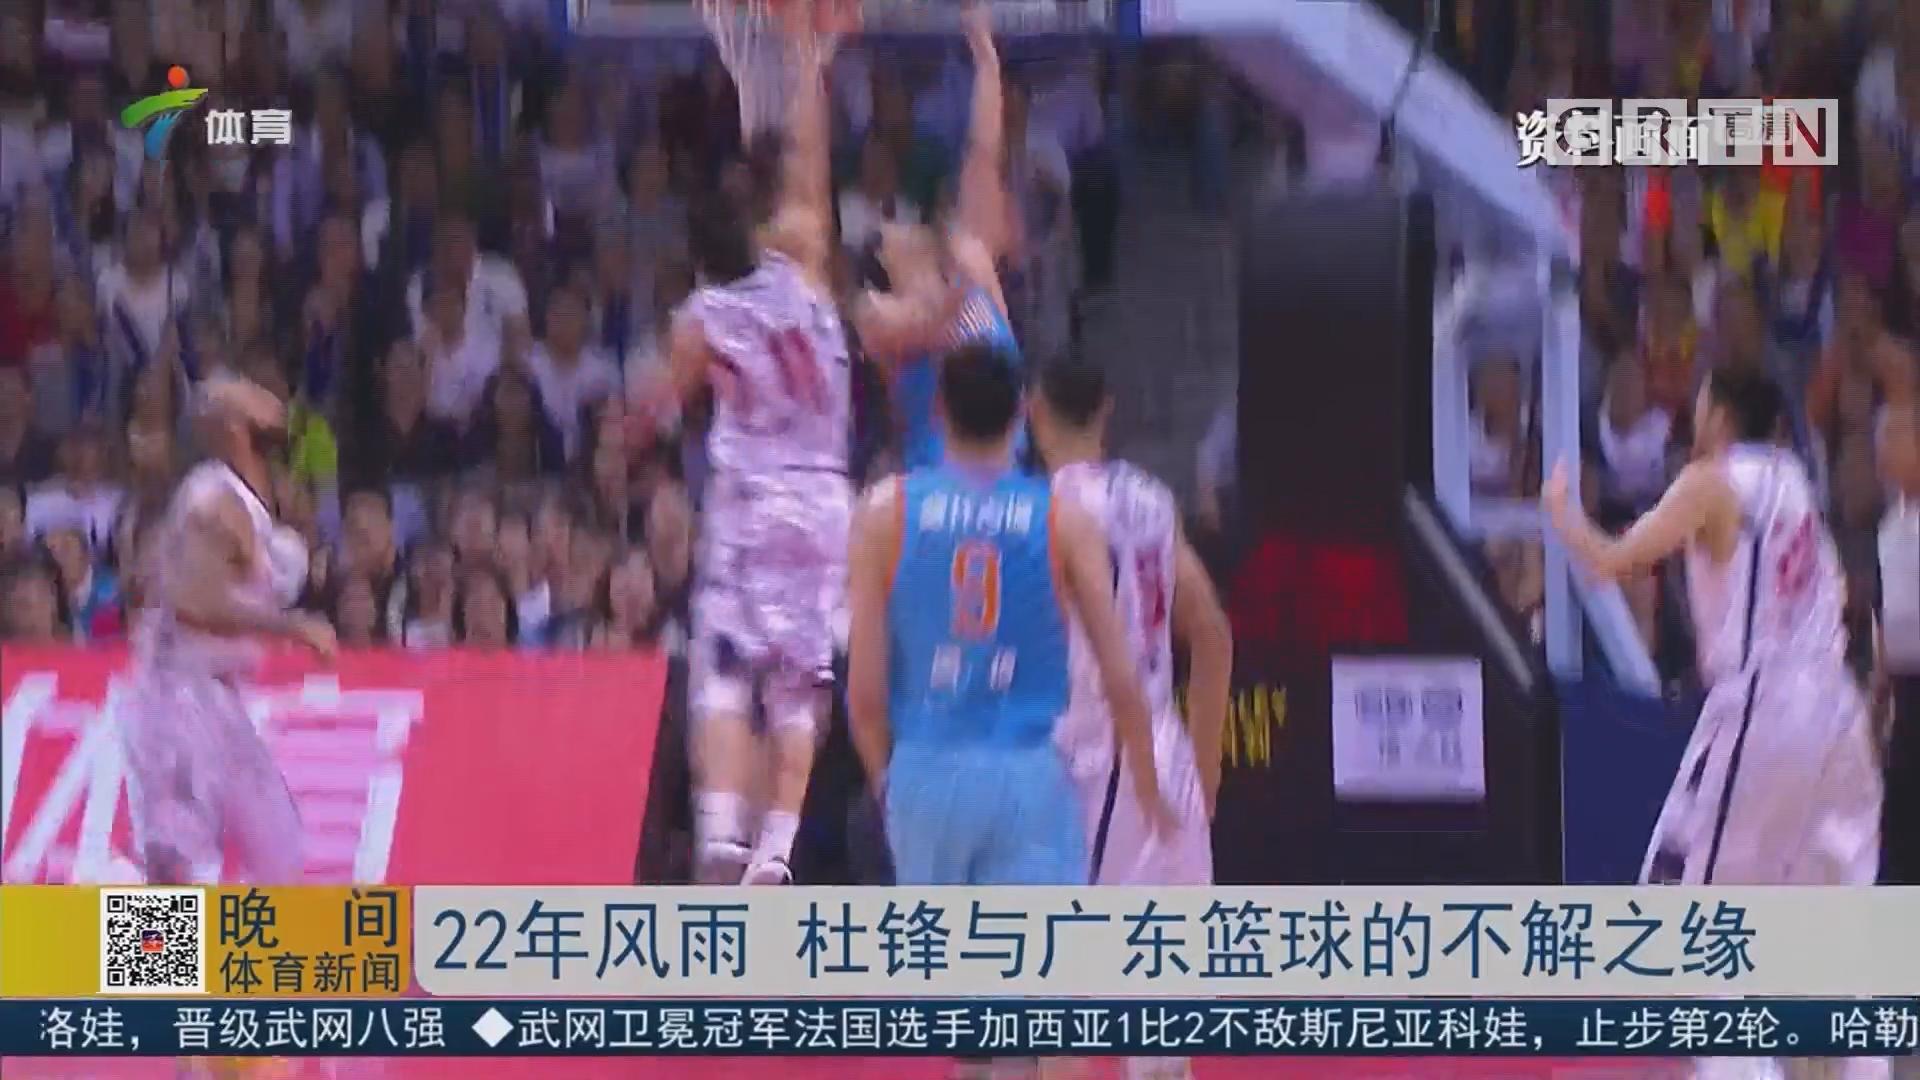 22年风雨 杜锋与广东篮球的不解之缘